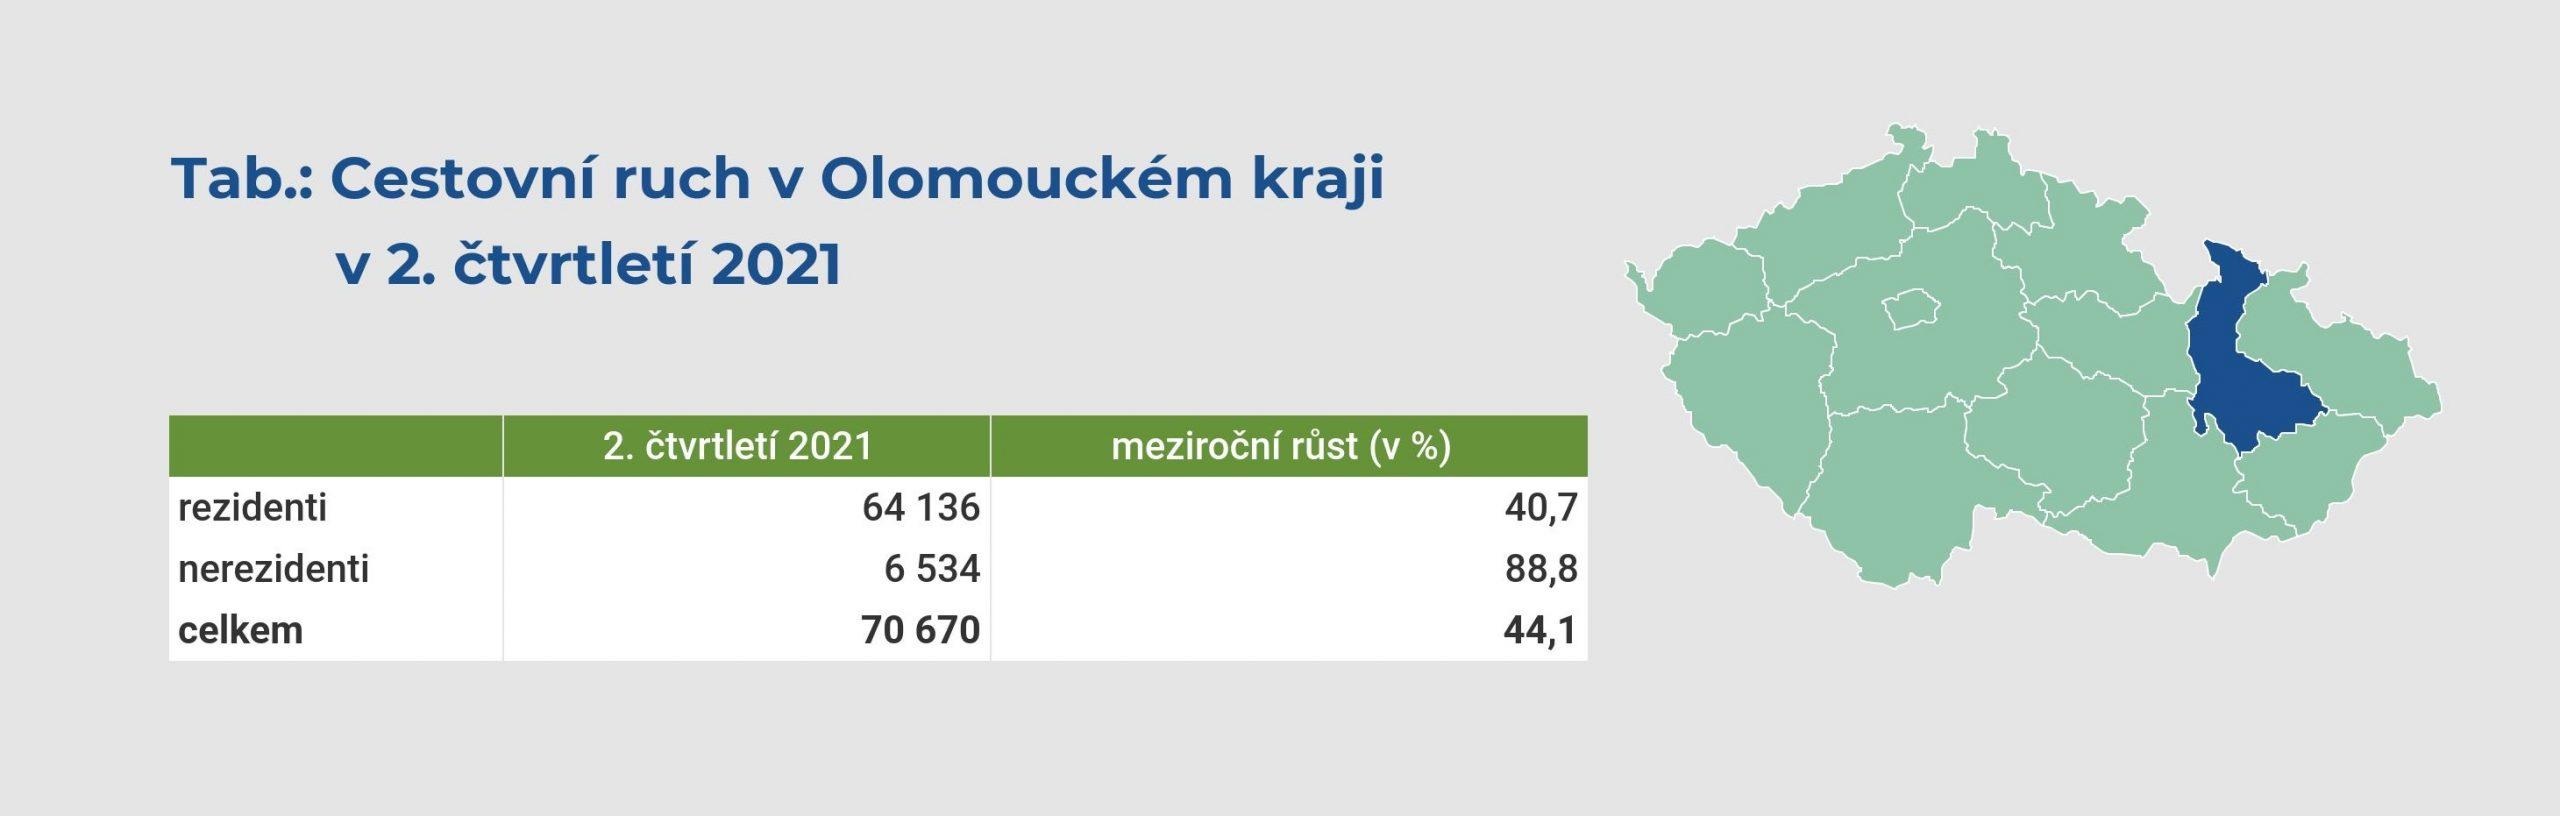 Zdroj: ČSÚ (zpracování: COT group)